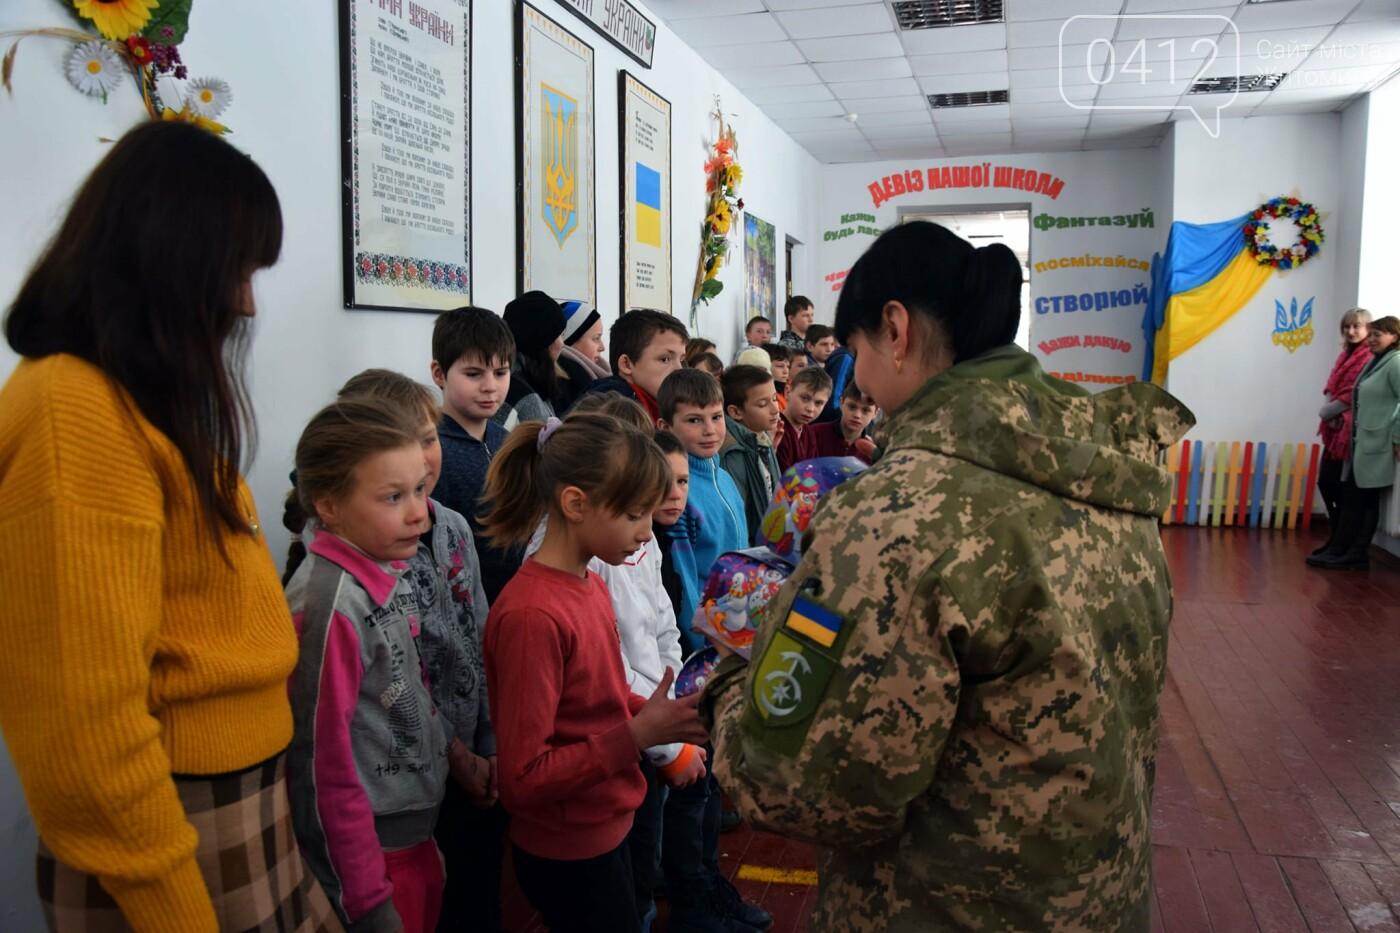 Щирі посмішки та емоції: Як діти зі школи-інтернату з військовими «тридцятки» зустрілися. ФОТО, фото-8